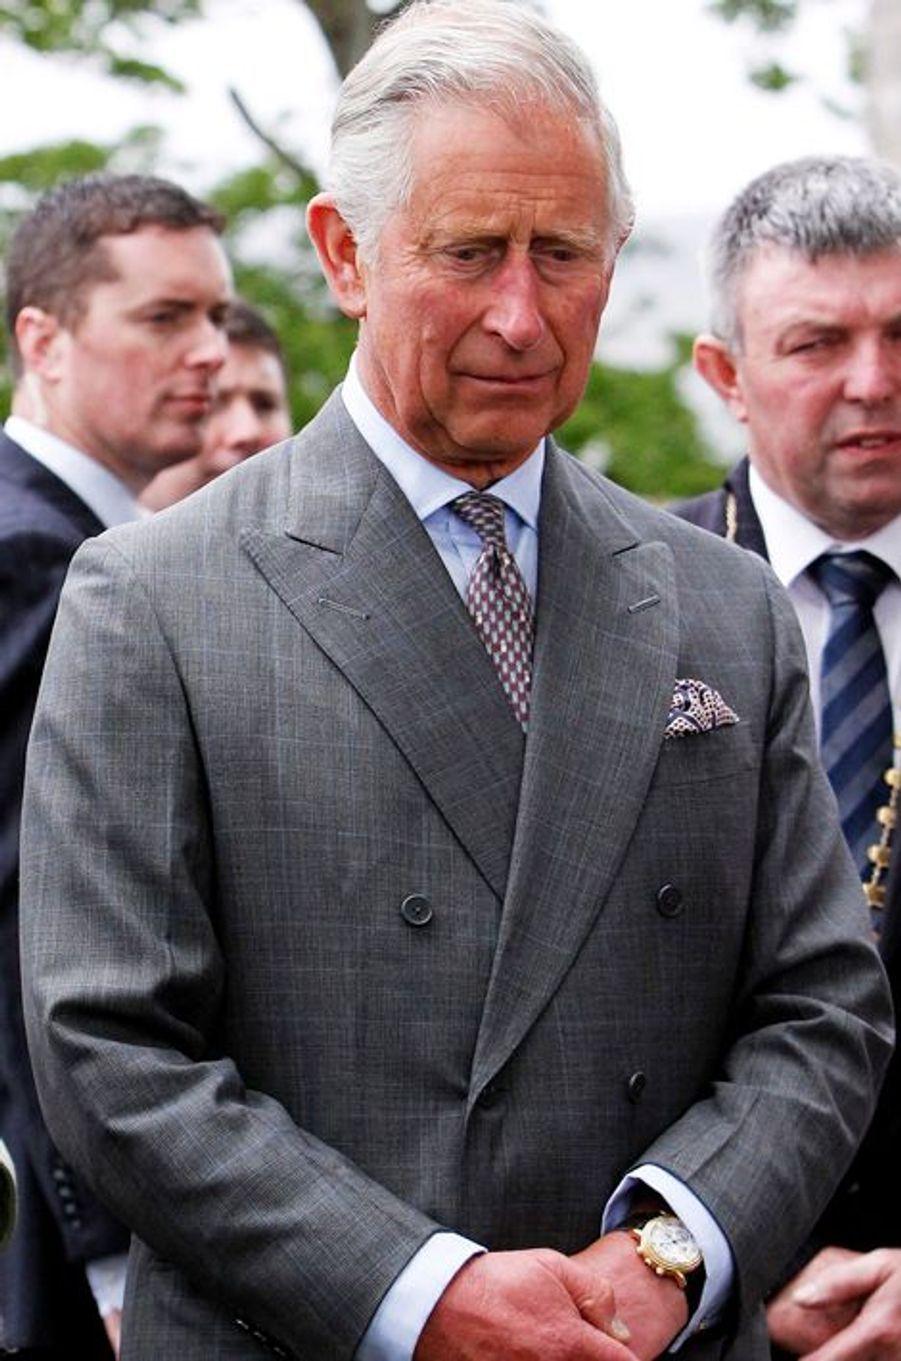 Ce mercredi 20 mai, le Prince Charles et son épouse Camilla ont assisté à une messe pour la paix dans la paroisse de Drumcliffe à Sligo, en Irlande où ils effectuaient un voyage officiel. Le fils de la reine Elizabeth II a confié «comprendre profondément la souffrance» des victimes du conflit nord-irlandais, avant de visiter pour la première fois le lieu où Lord Mountbatten, le «grand-père qu'(il) n'a jamais eu», a été tué par l'IRA. Chaque dimanche, le Royal Blog de Paris Match vous propose de voir ou revoir les plus belles photographies de la semaine royale.